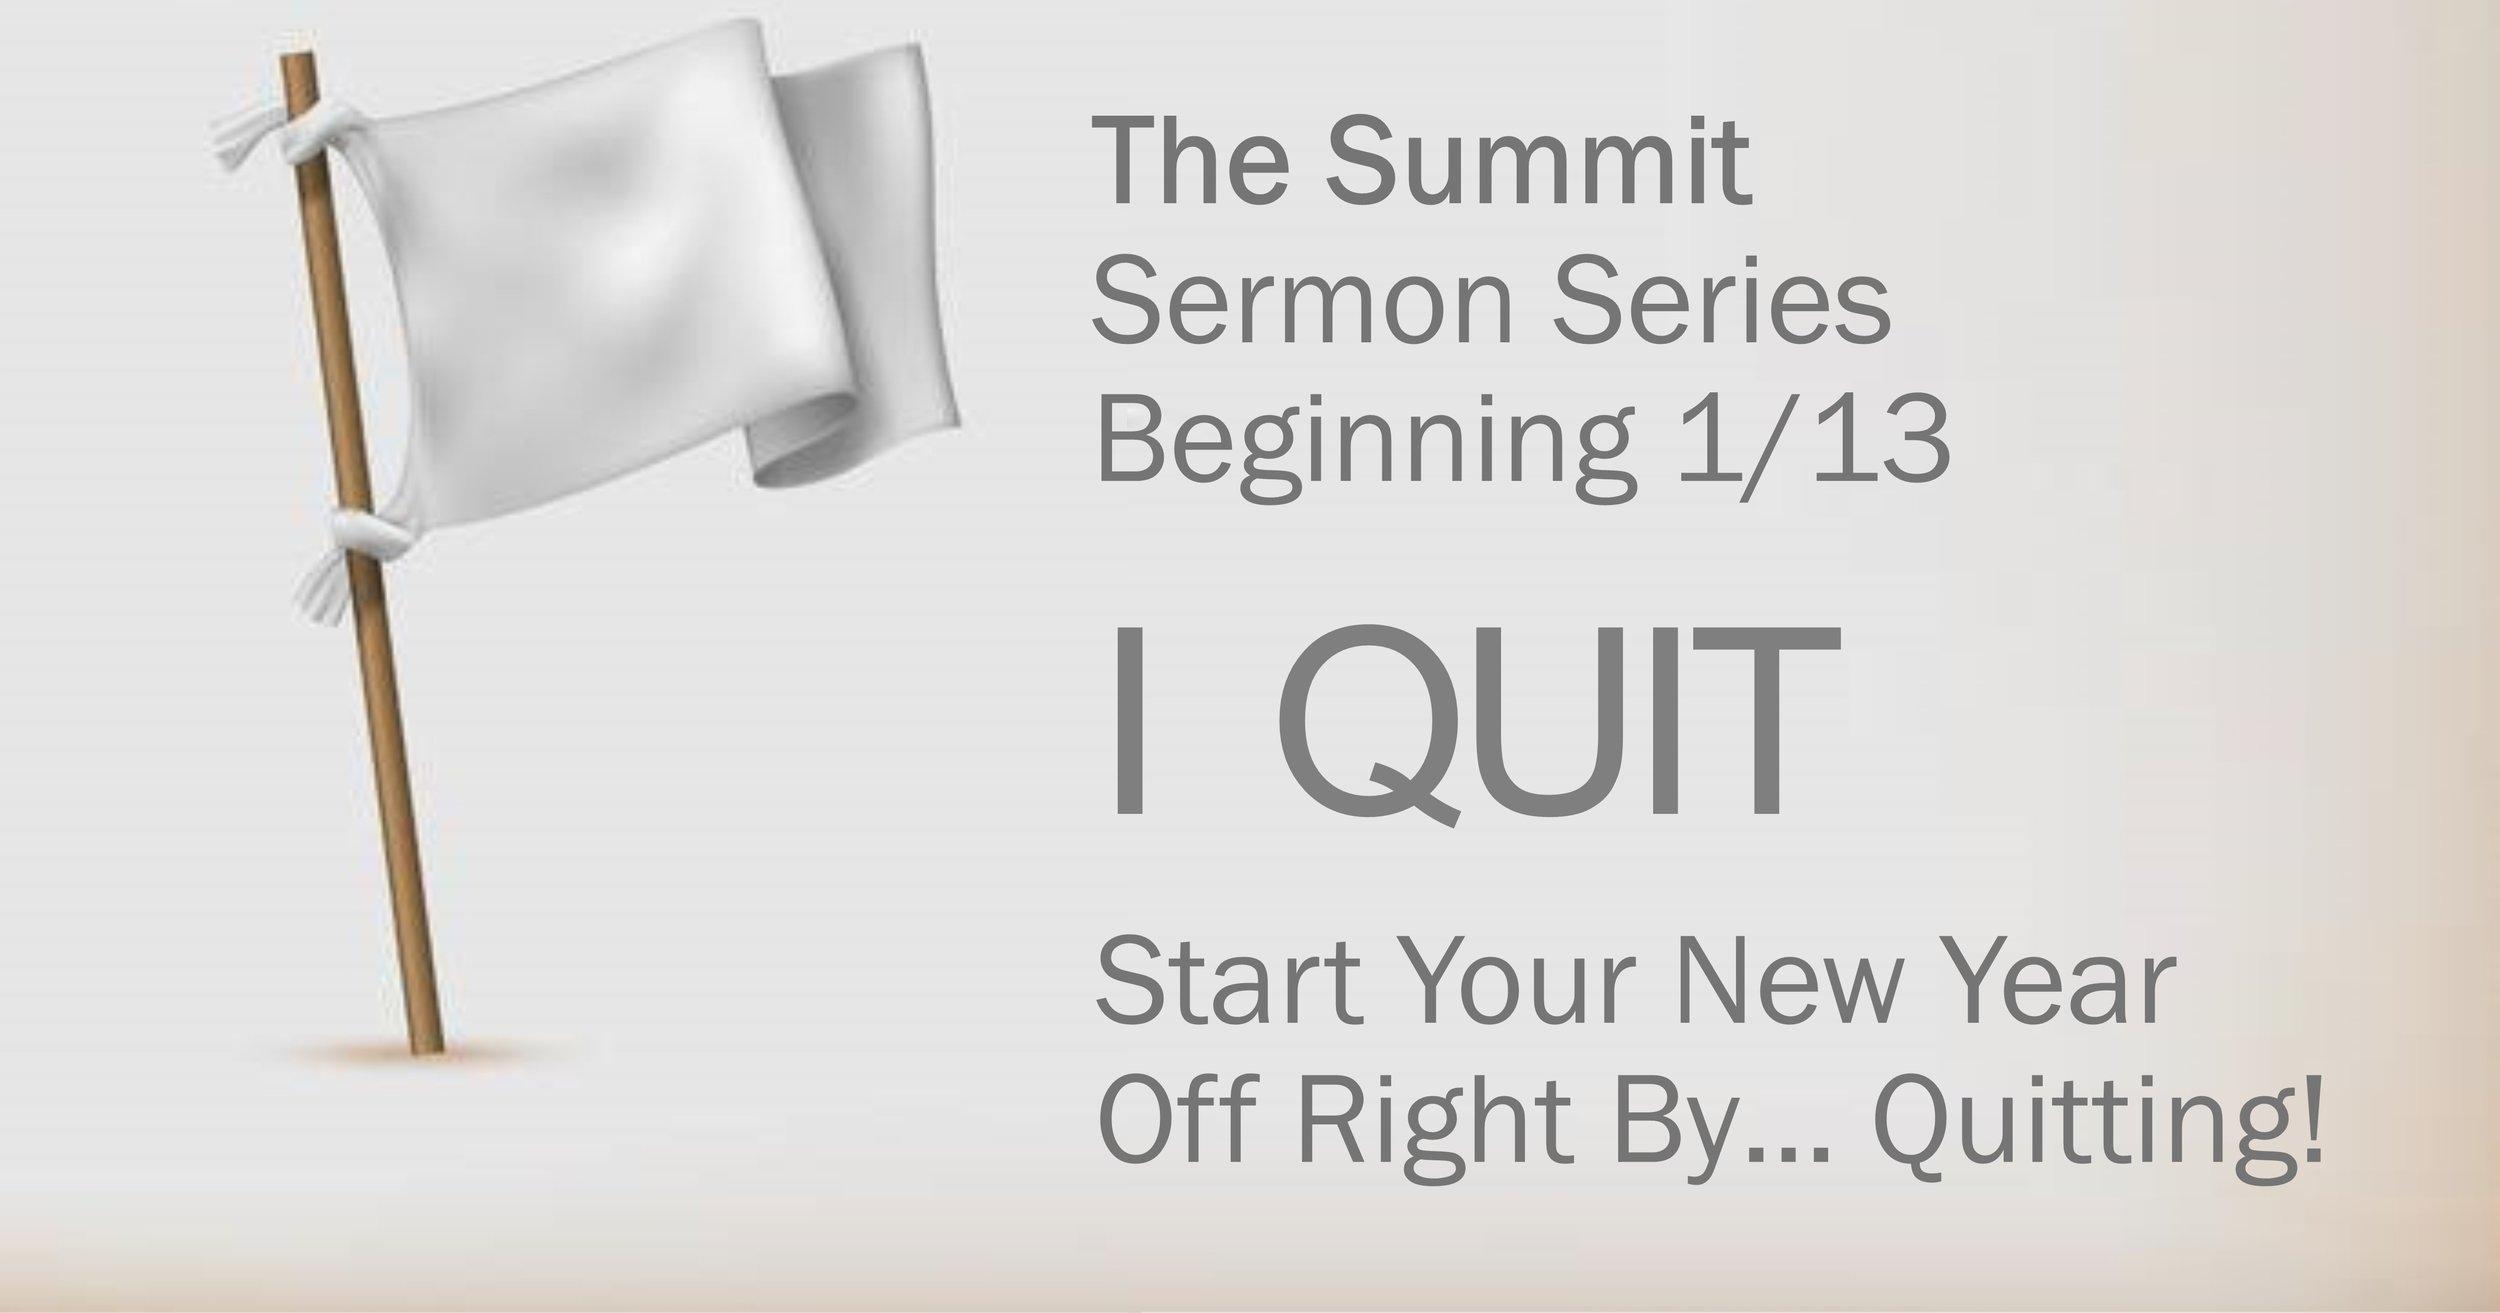 Summit I Quit Sermon Facebook Rev 120818.jpg